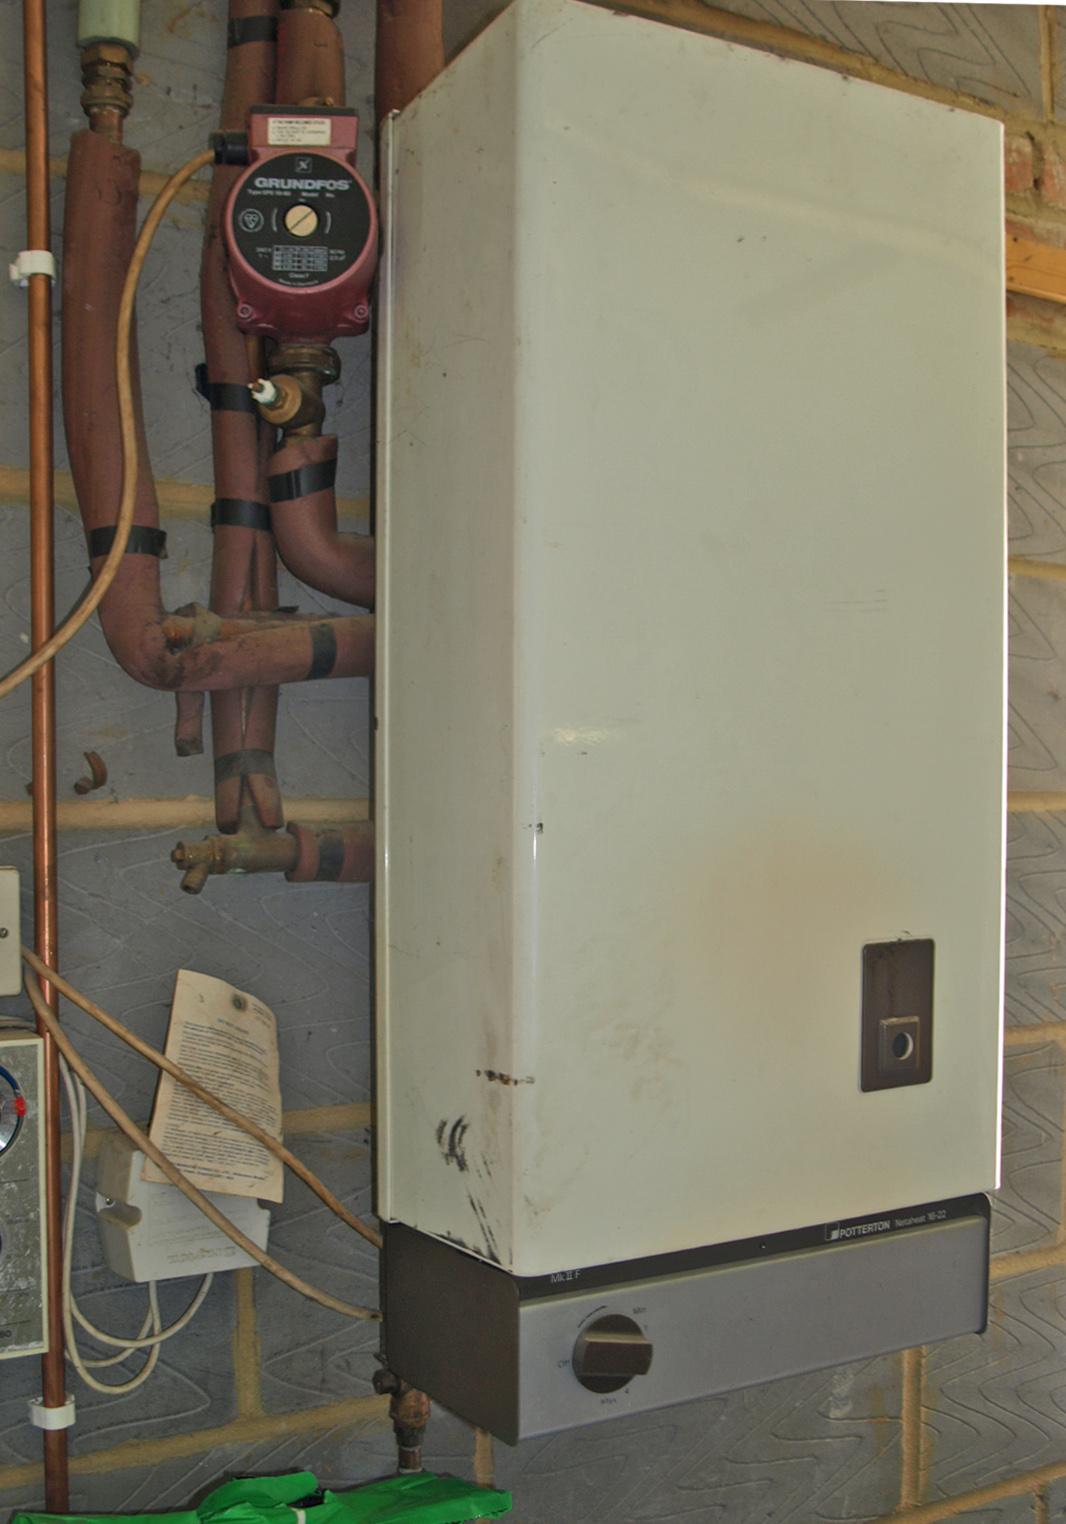 boiler issues